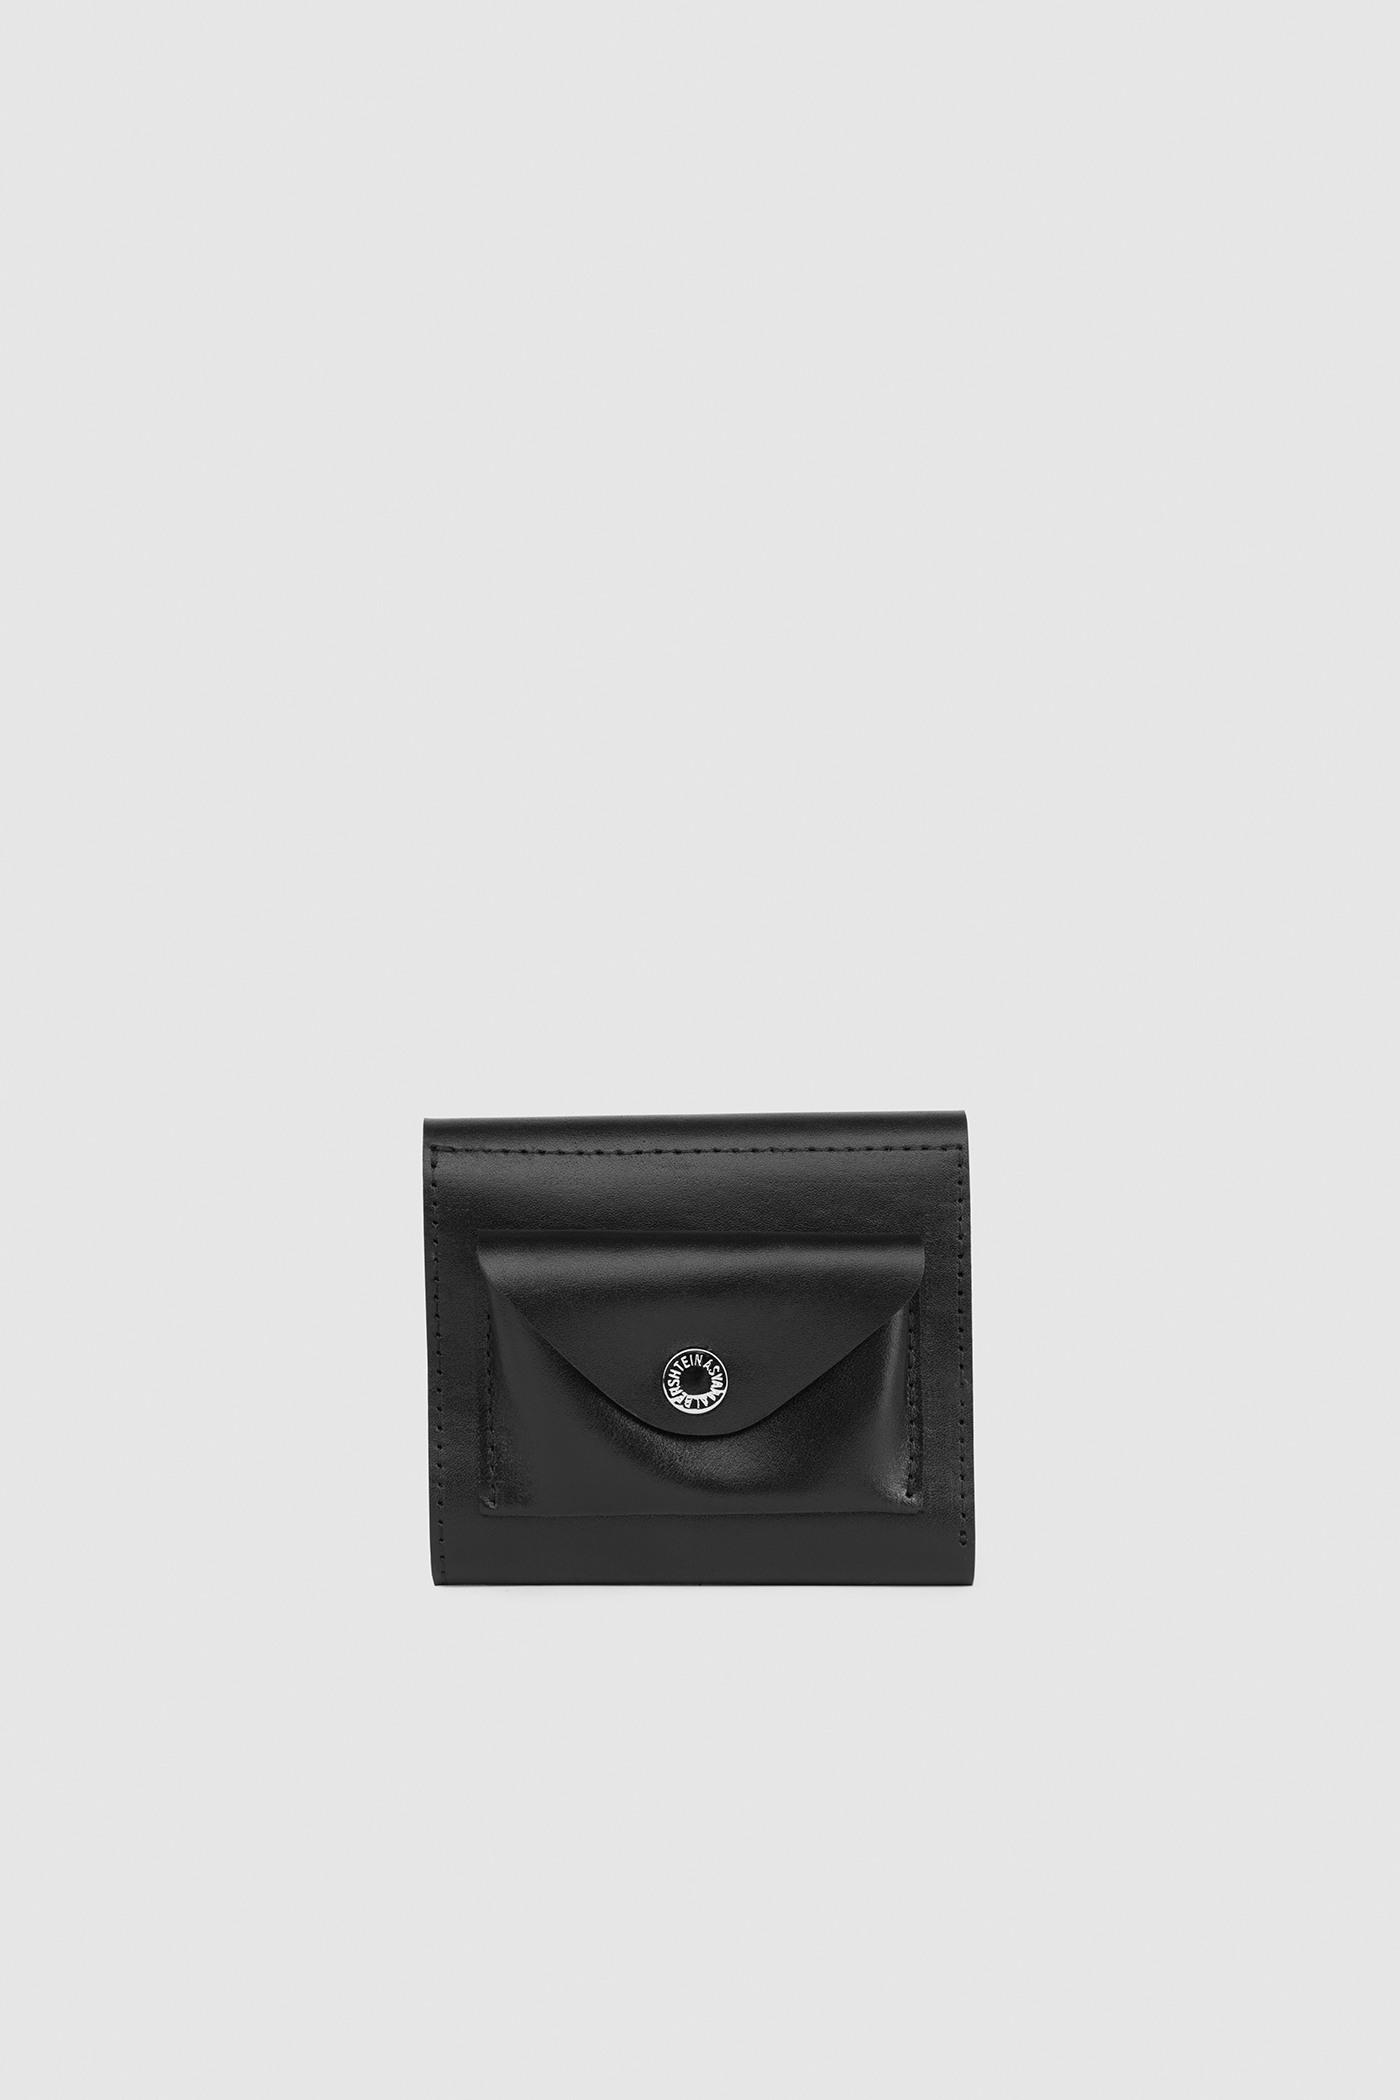 КошелёкВместительный кожаный кошелёк с откидным клапаном на кнопке.&#13;<br>&#13;<br>&#13;<br>Внешний накладной карман для монет на кнопке&#13;<br>&#13;<br>Внутреннее отделение для купюр и два отделения для карт&#13;<br>&#13;<br>Внутри фирменная печать серебром Asya Malbershtein&#13;<br>&#13;<br>Размеры: 11х10х3 см<br><br>Цвет: Черный